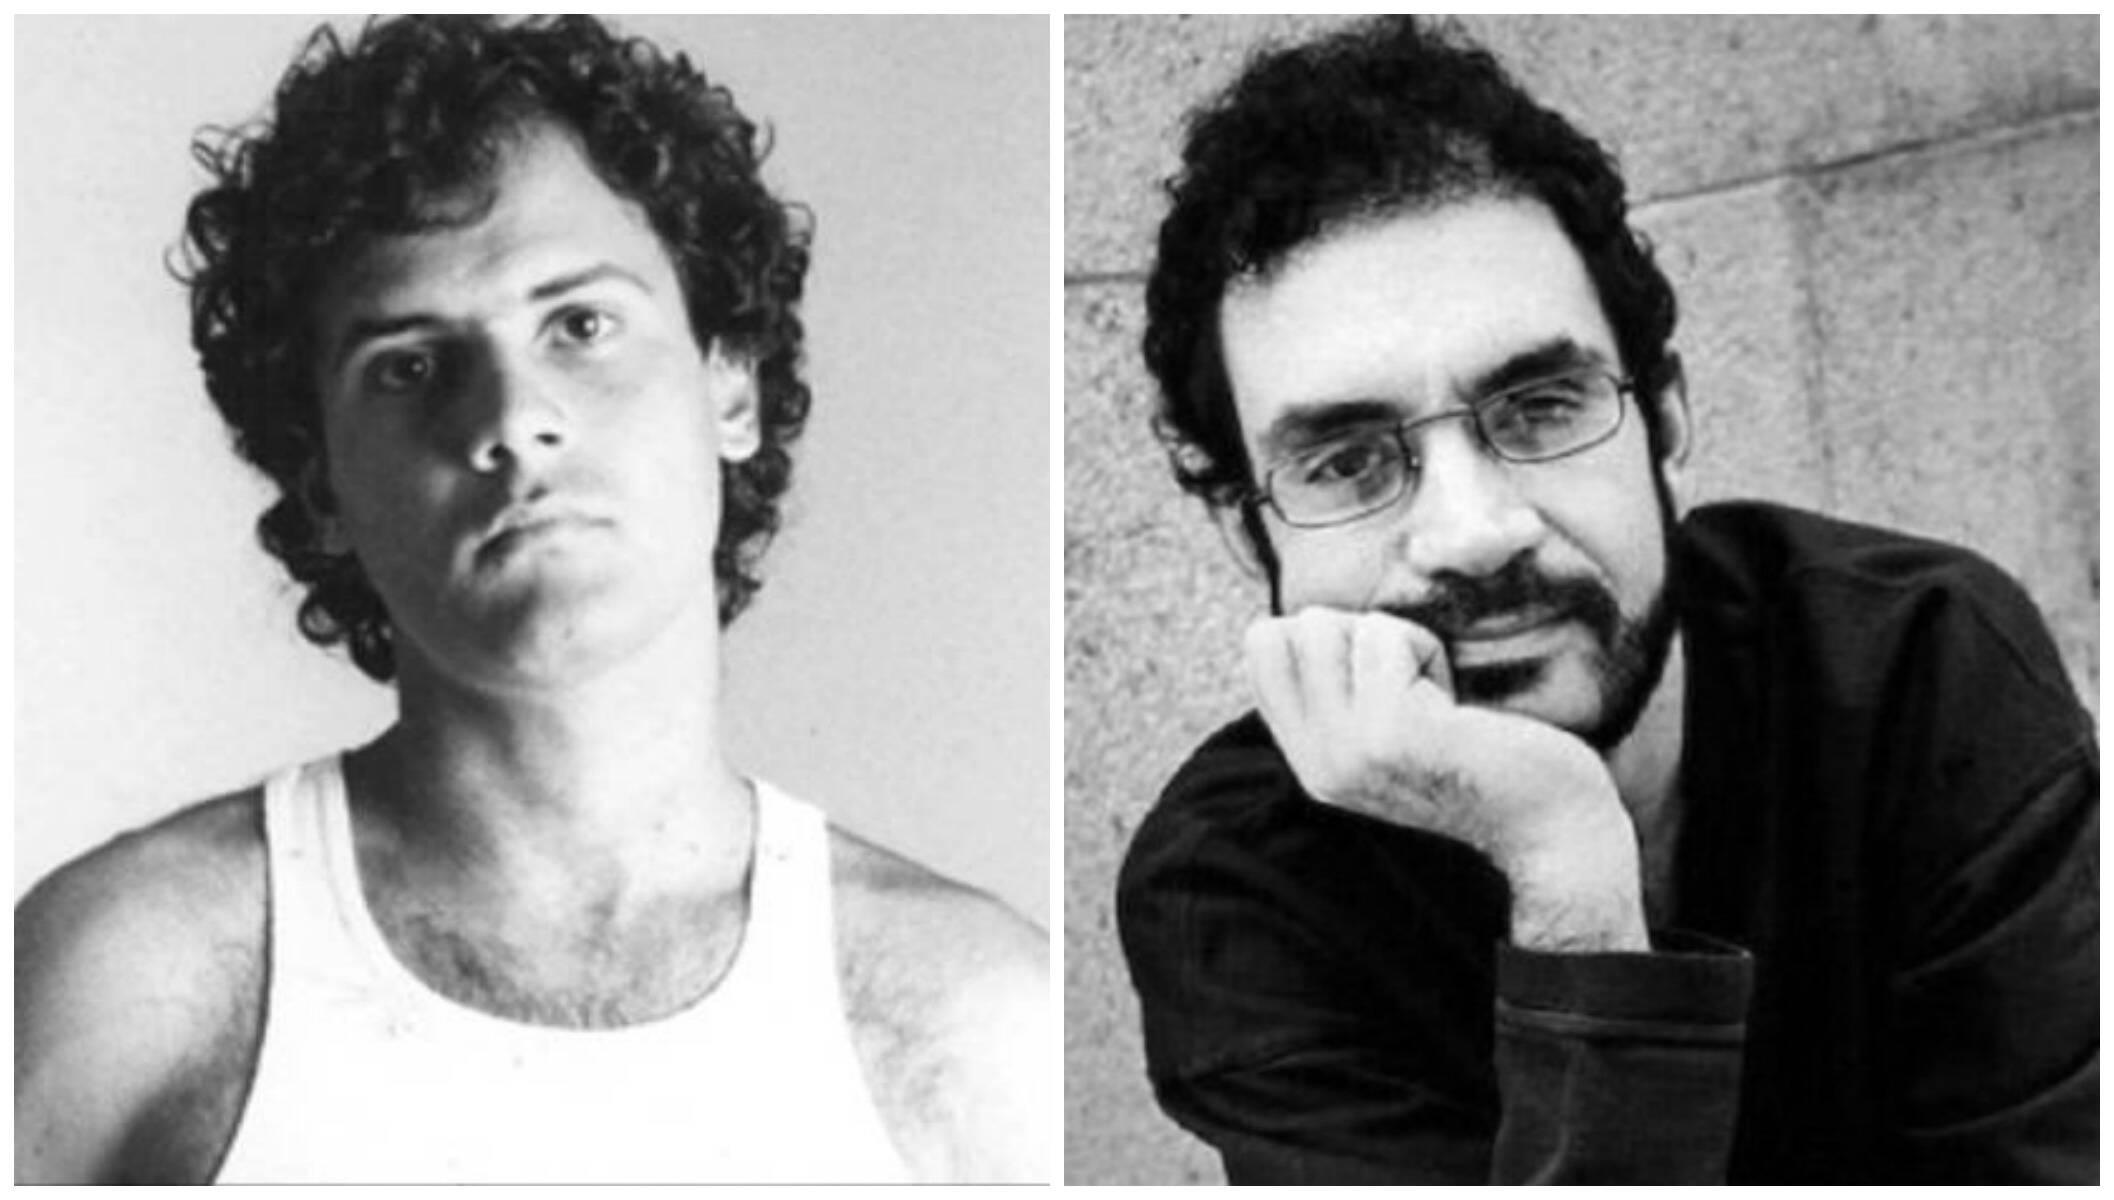 Cazuza e Renato Russo: público vai decidir quem foi o maior poeta da MPB / Foto: divulgação